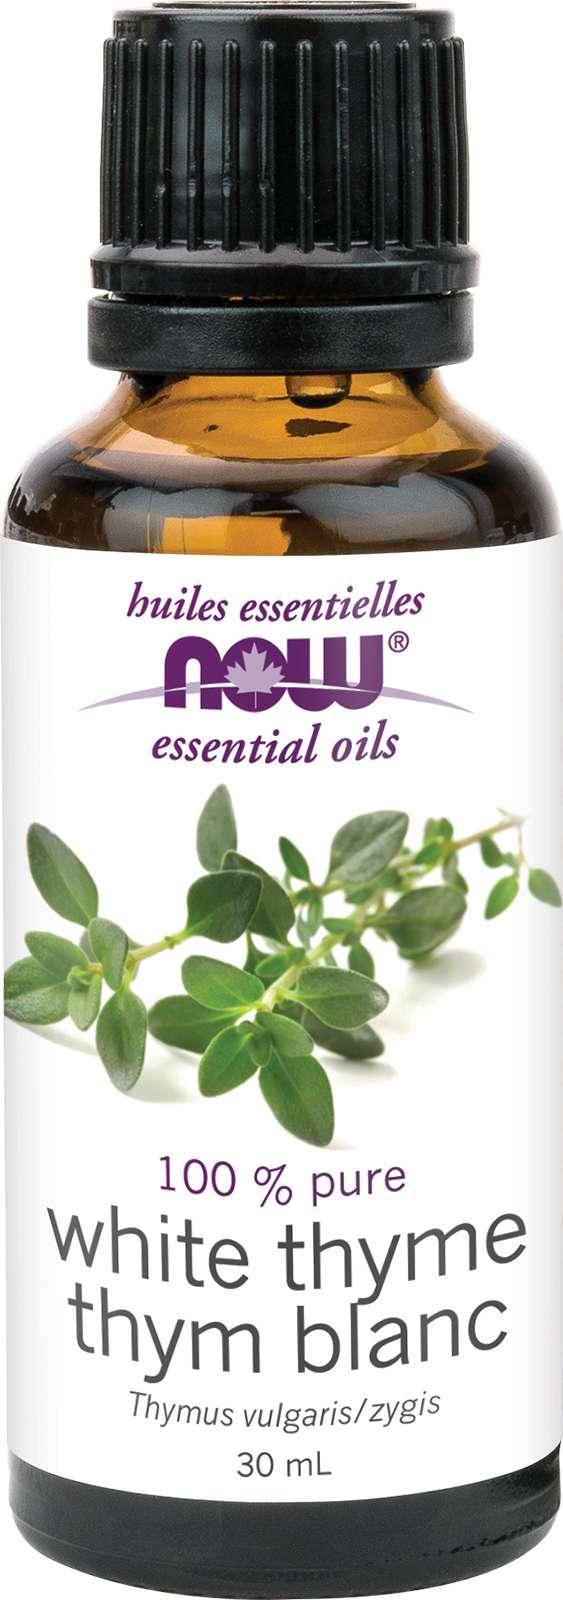 Thyme Oil, White (Thymus vulgaris/zygis) 30mL